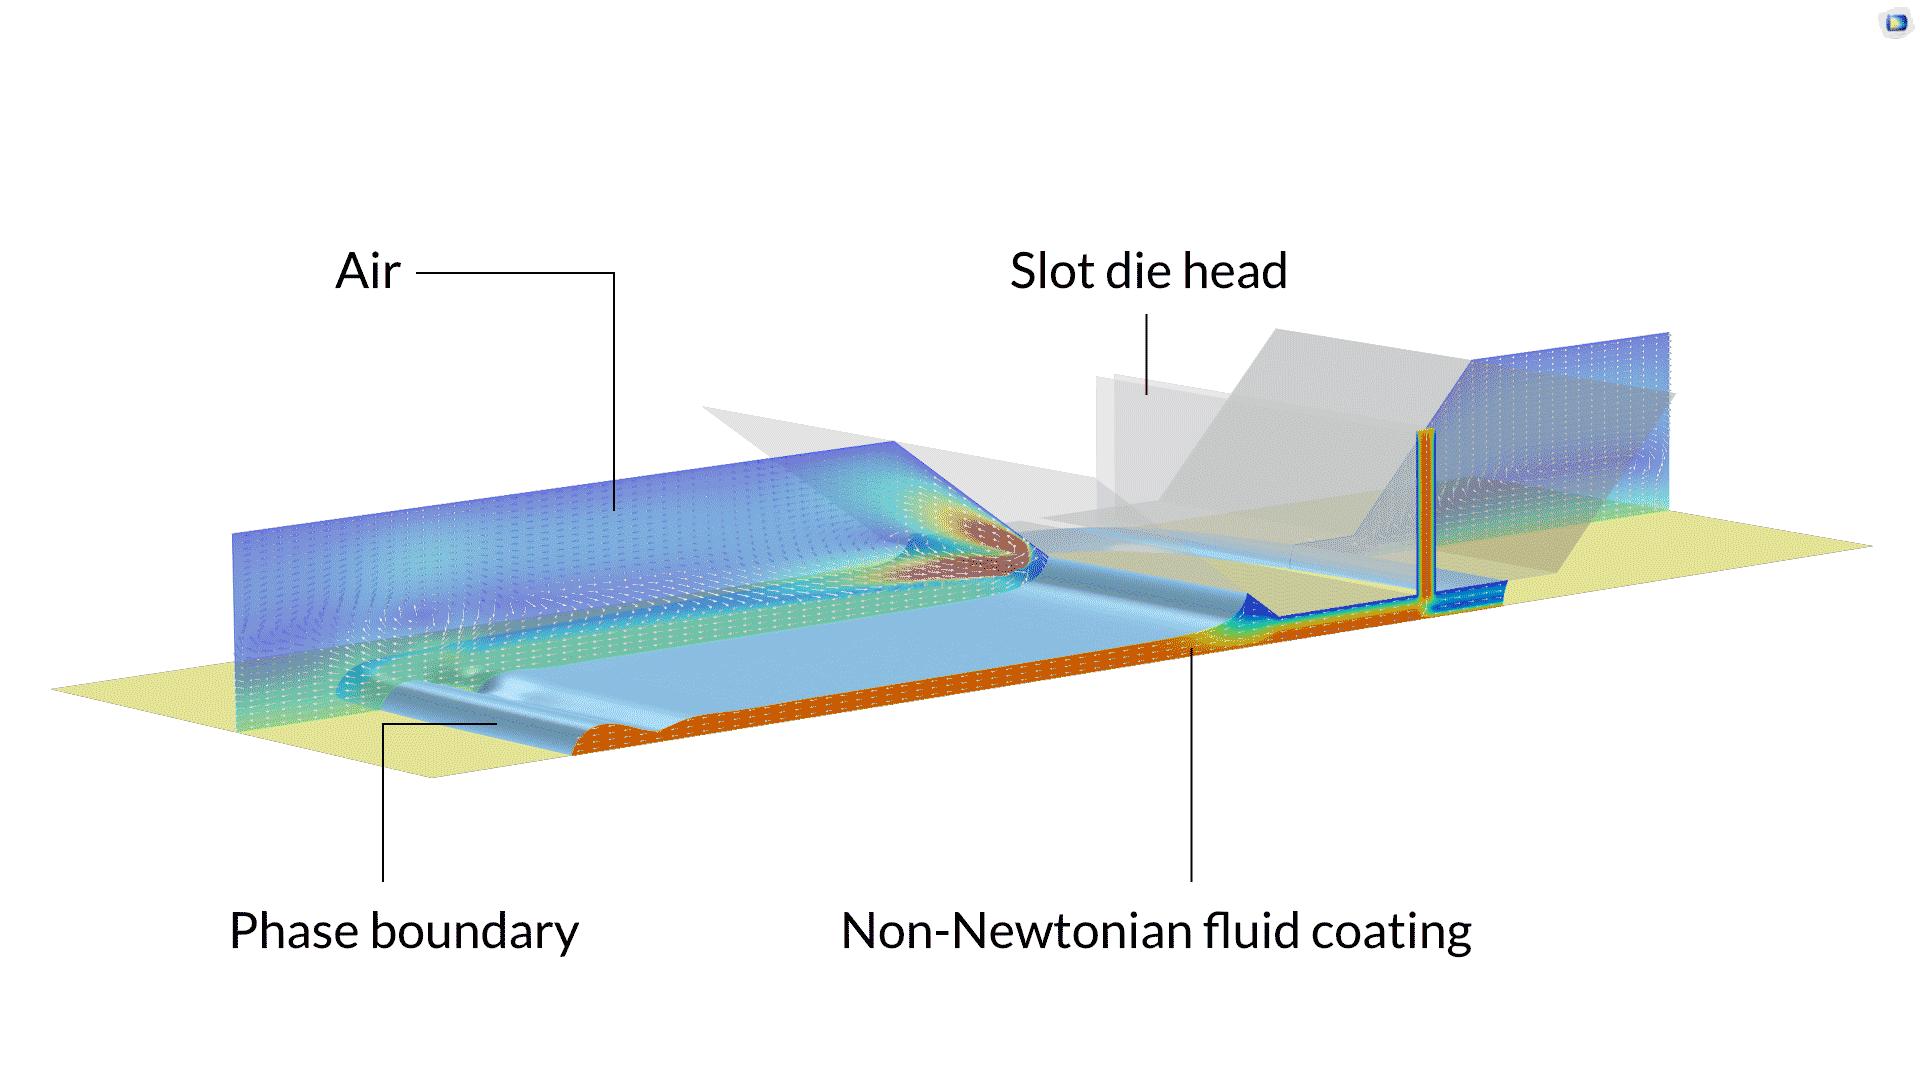 狭缝式涂布工艺三维模型,其中包含相边界、空气、狭缝模头和非牛顿流体涂布的标注。